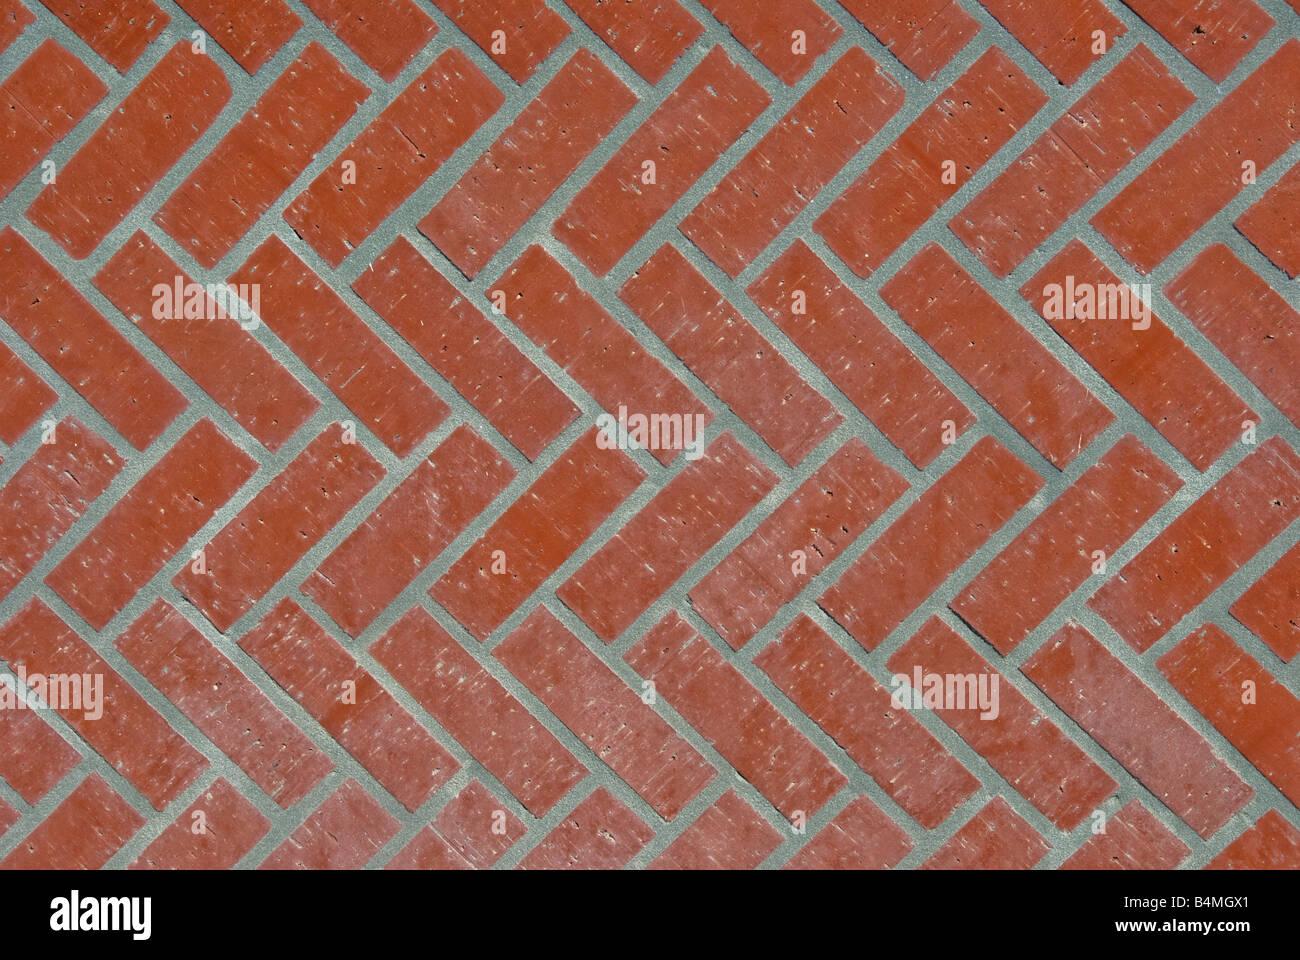 Urbane Architektur Außen Ziegel Wiederholung Muster Zu Ebnen, Abstrakt,  Textur, Urban, Muster Muster Abstrakt View Hautnah